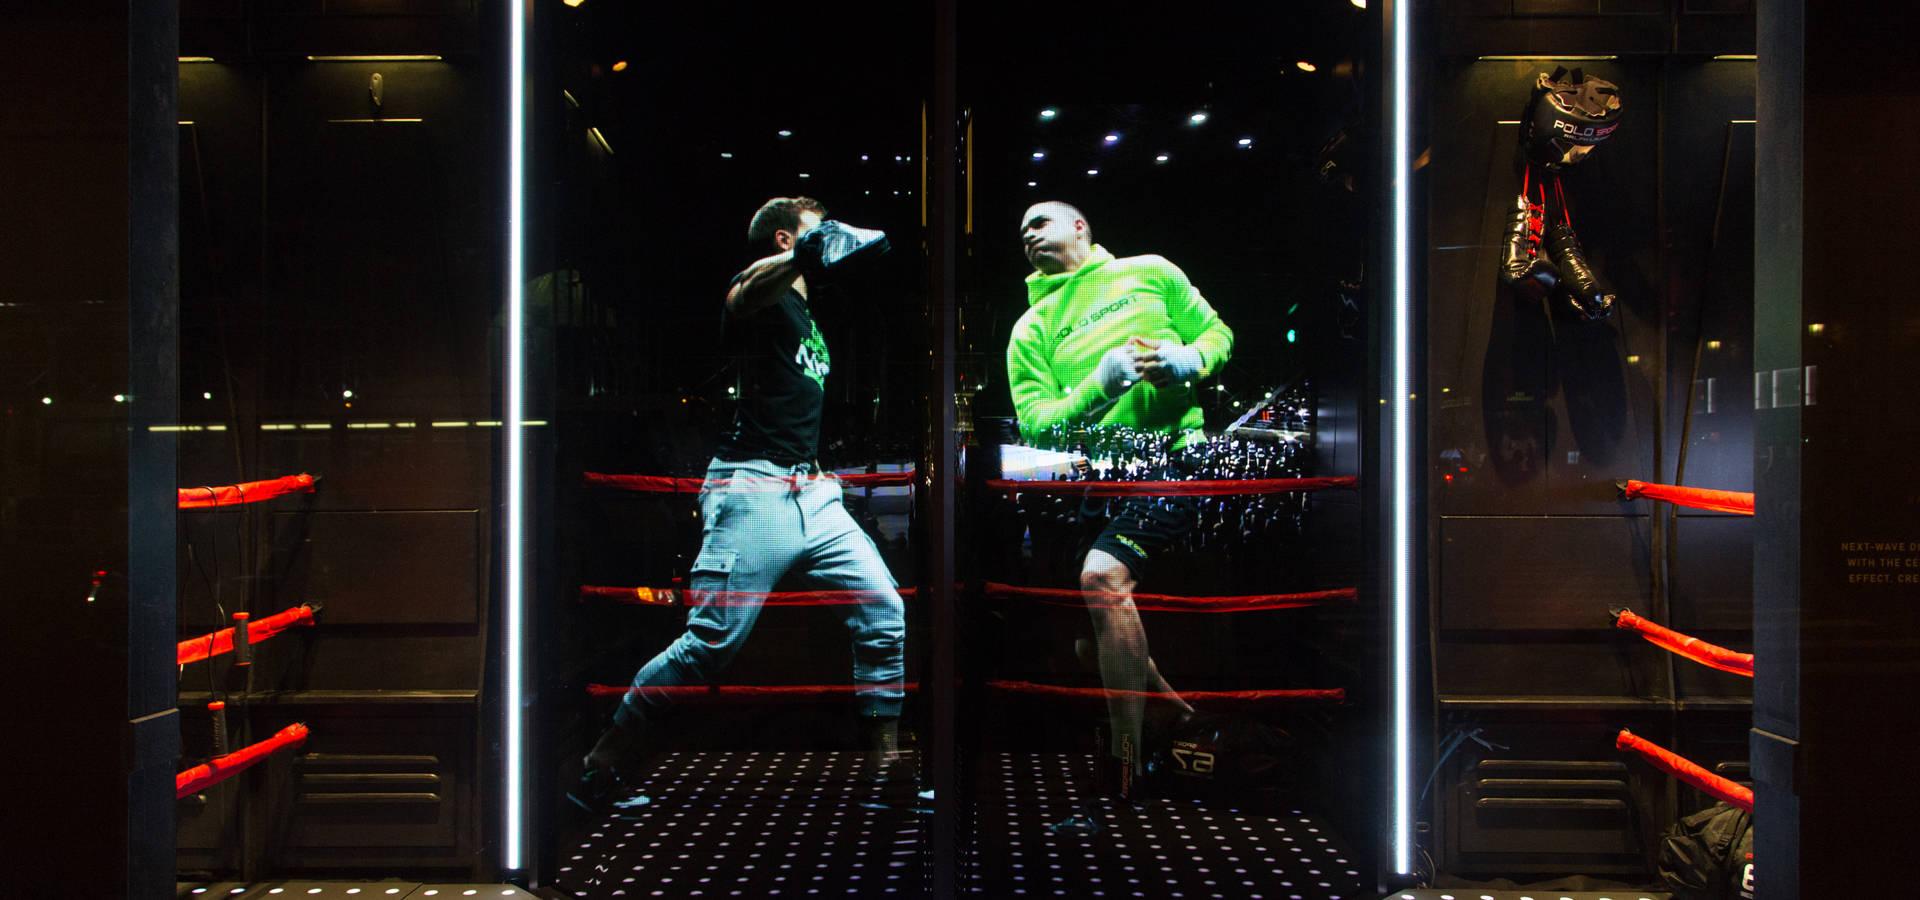 Ralph Lauren Holographic Window Display By Cinimod Studio Homify # Muebles Ralph Lauren Espana